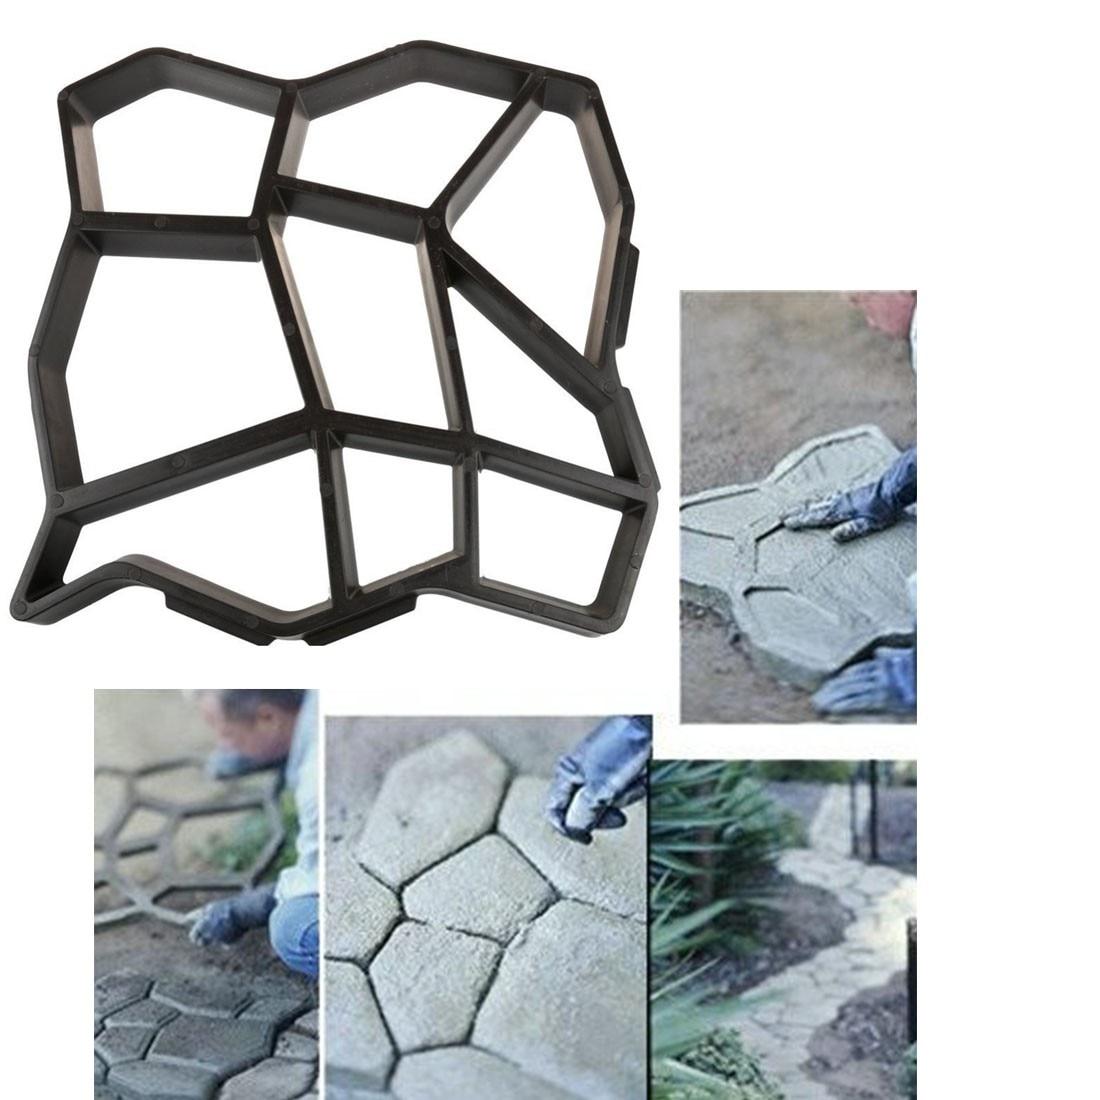 nuevo camino del fabricante del molde de plstico x cm manualmente de ladrillos de cemento